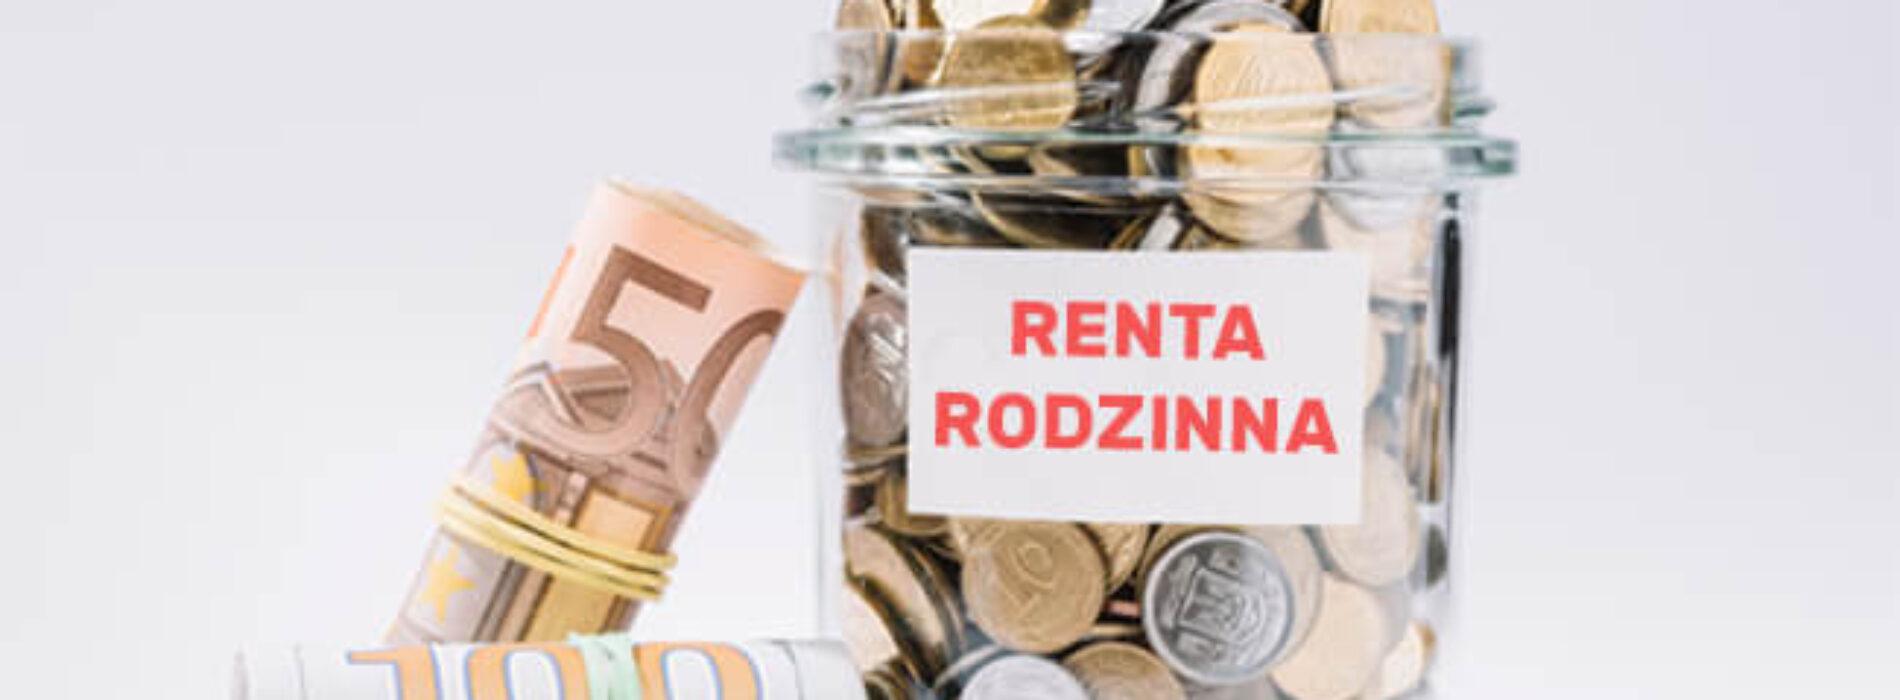 Renta rodzinna – czym jest i jak ją otrzymać?